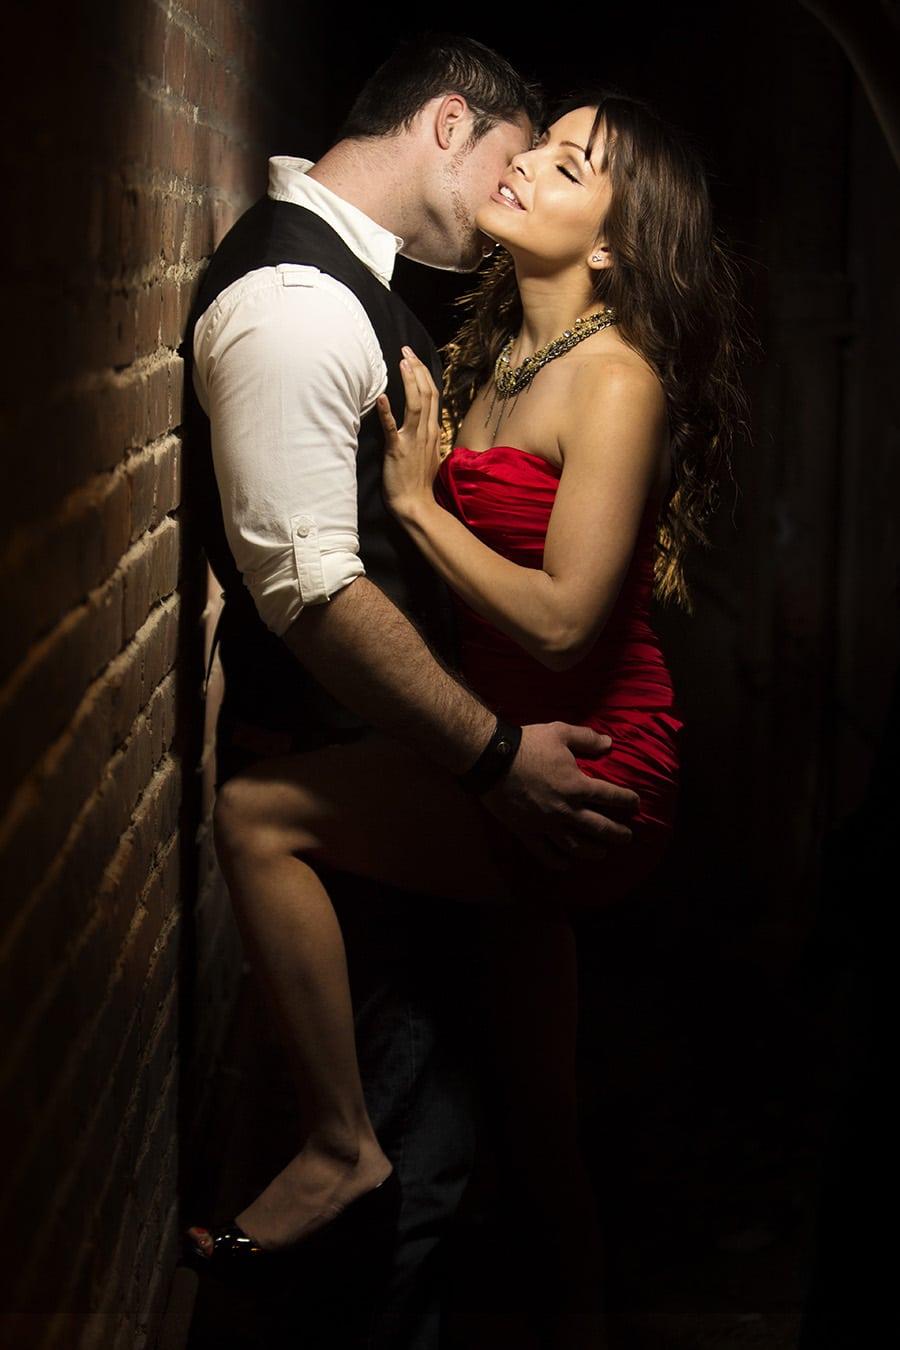 Comment Faire L'amoure Avec Un Homme : comment, faire, l'amoure, homme, Comment, Faire, L'amour, Homme,, Savoir, Davantage, Article